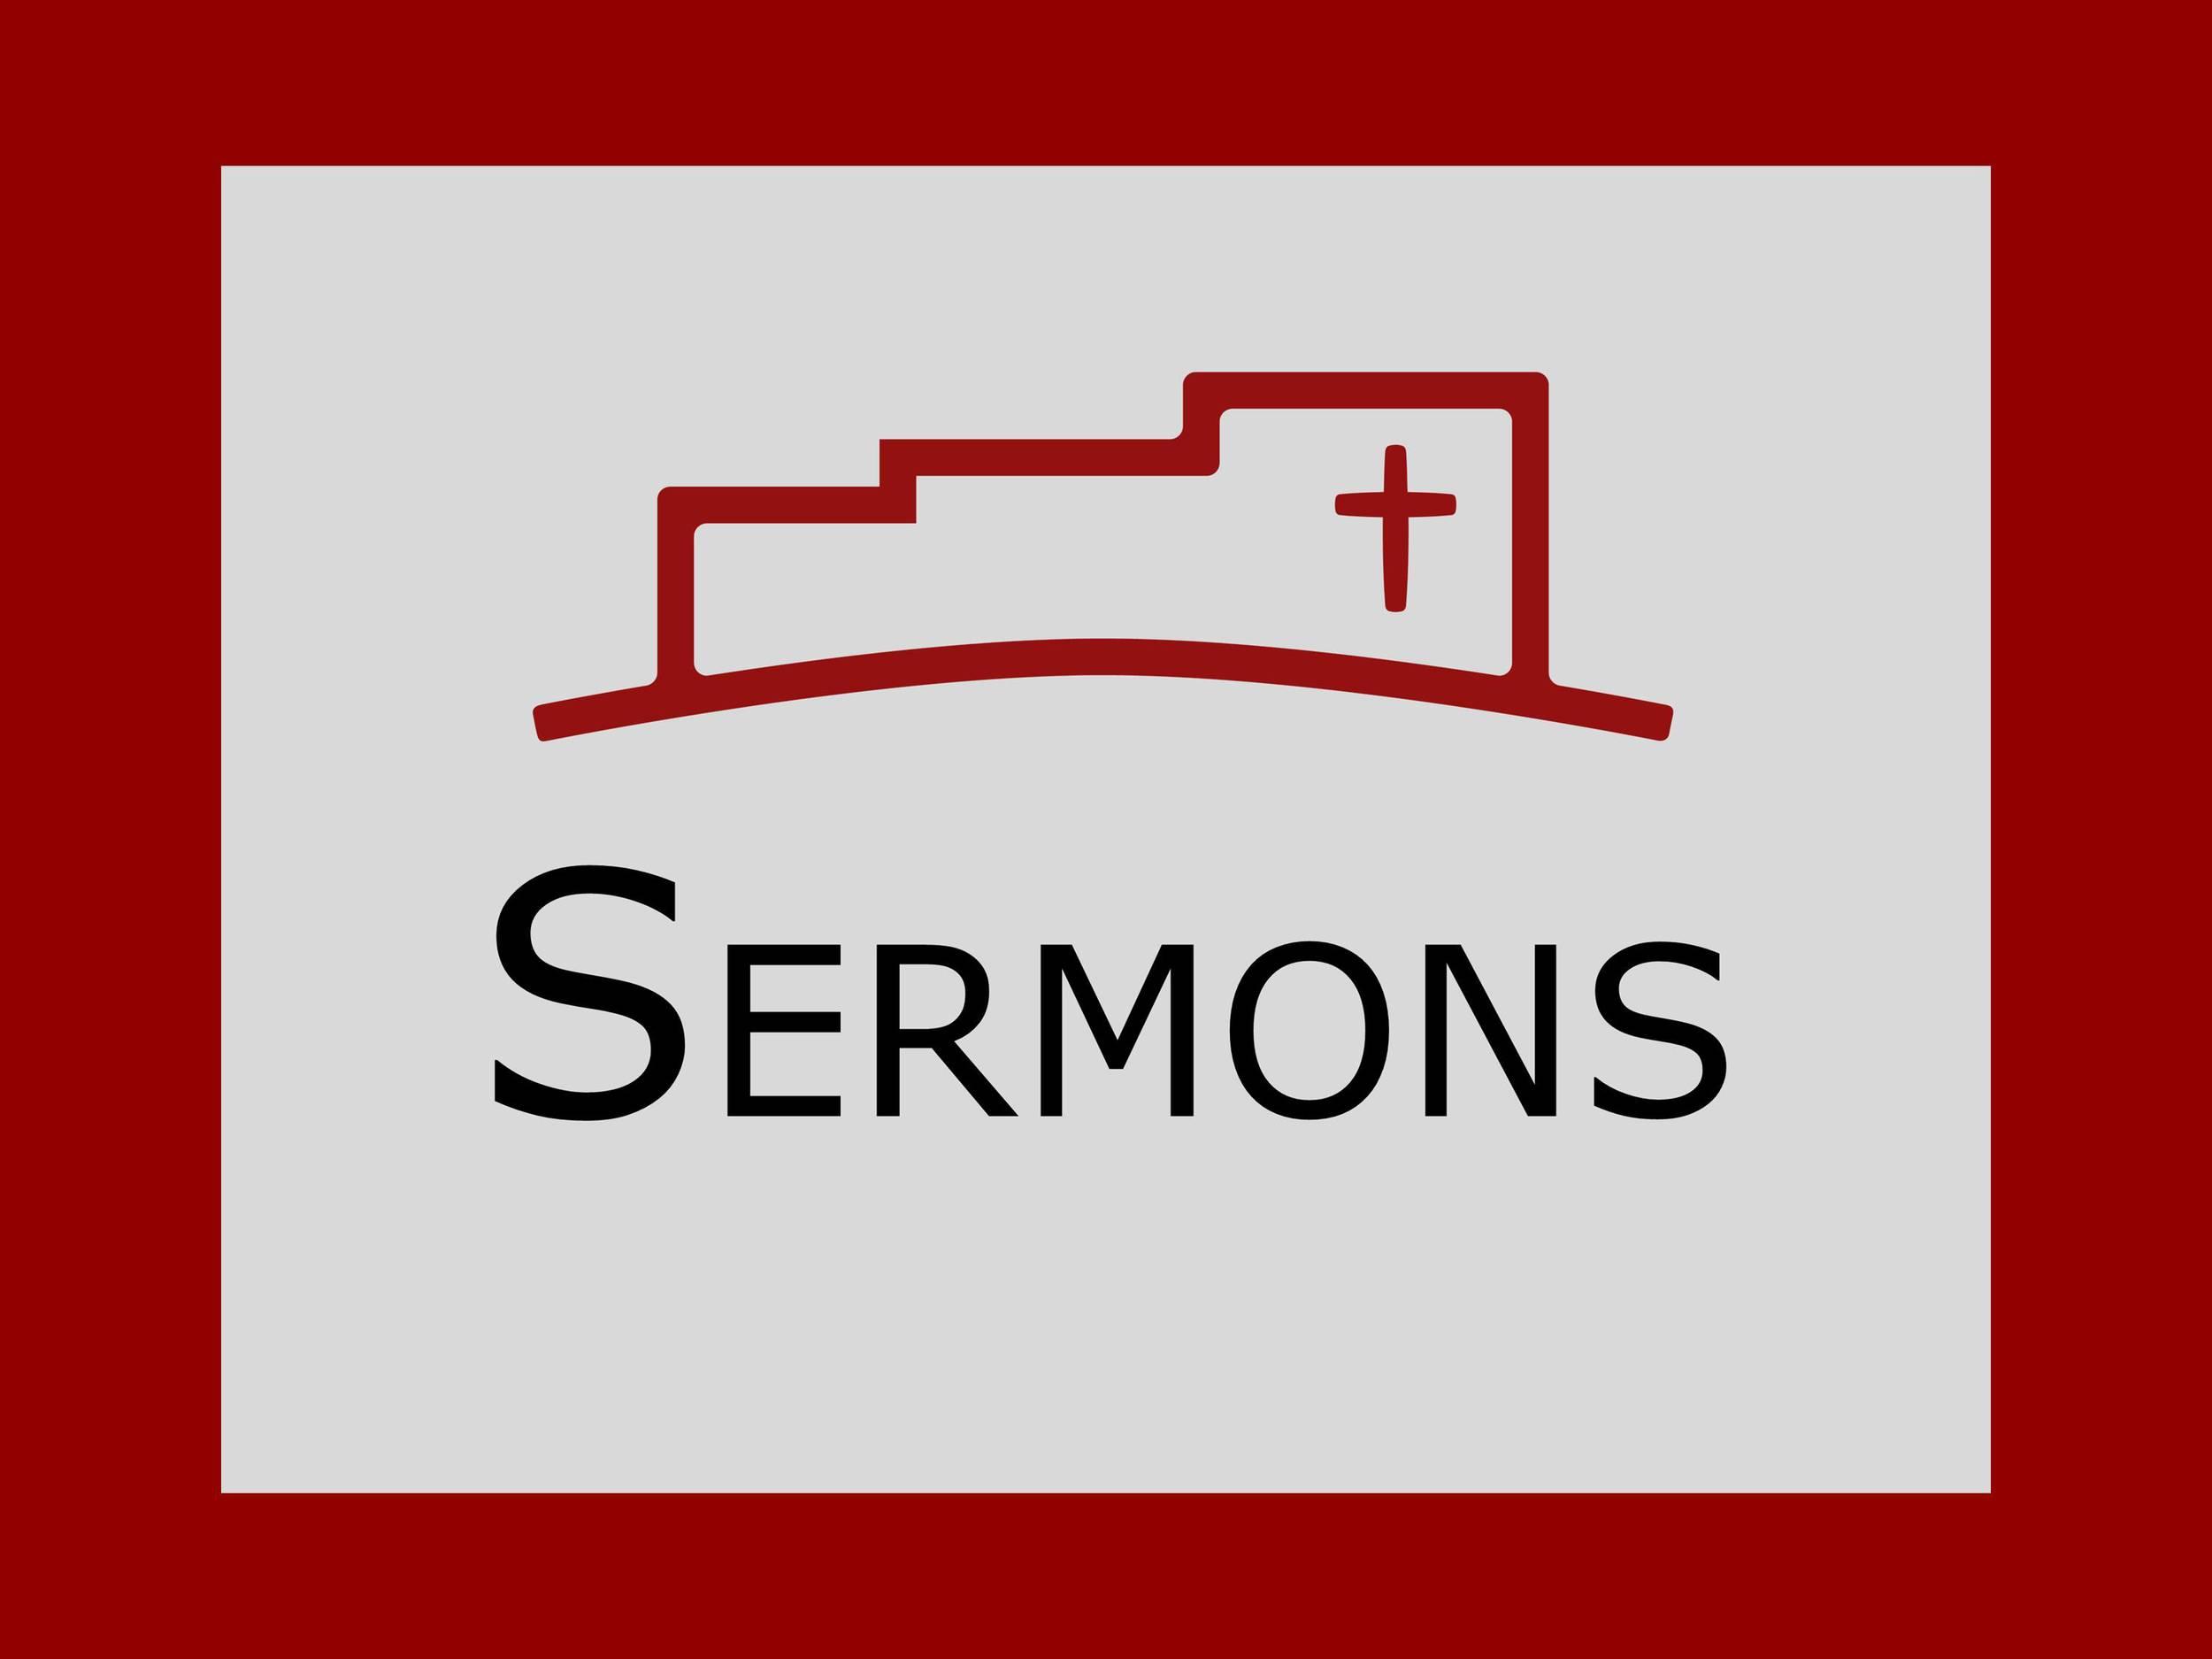 Sermon-WR.jpg